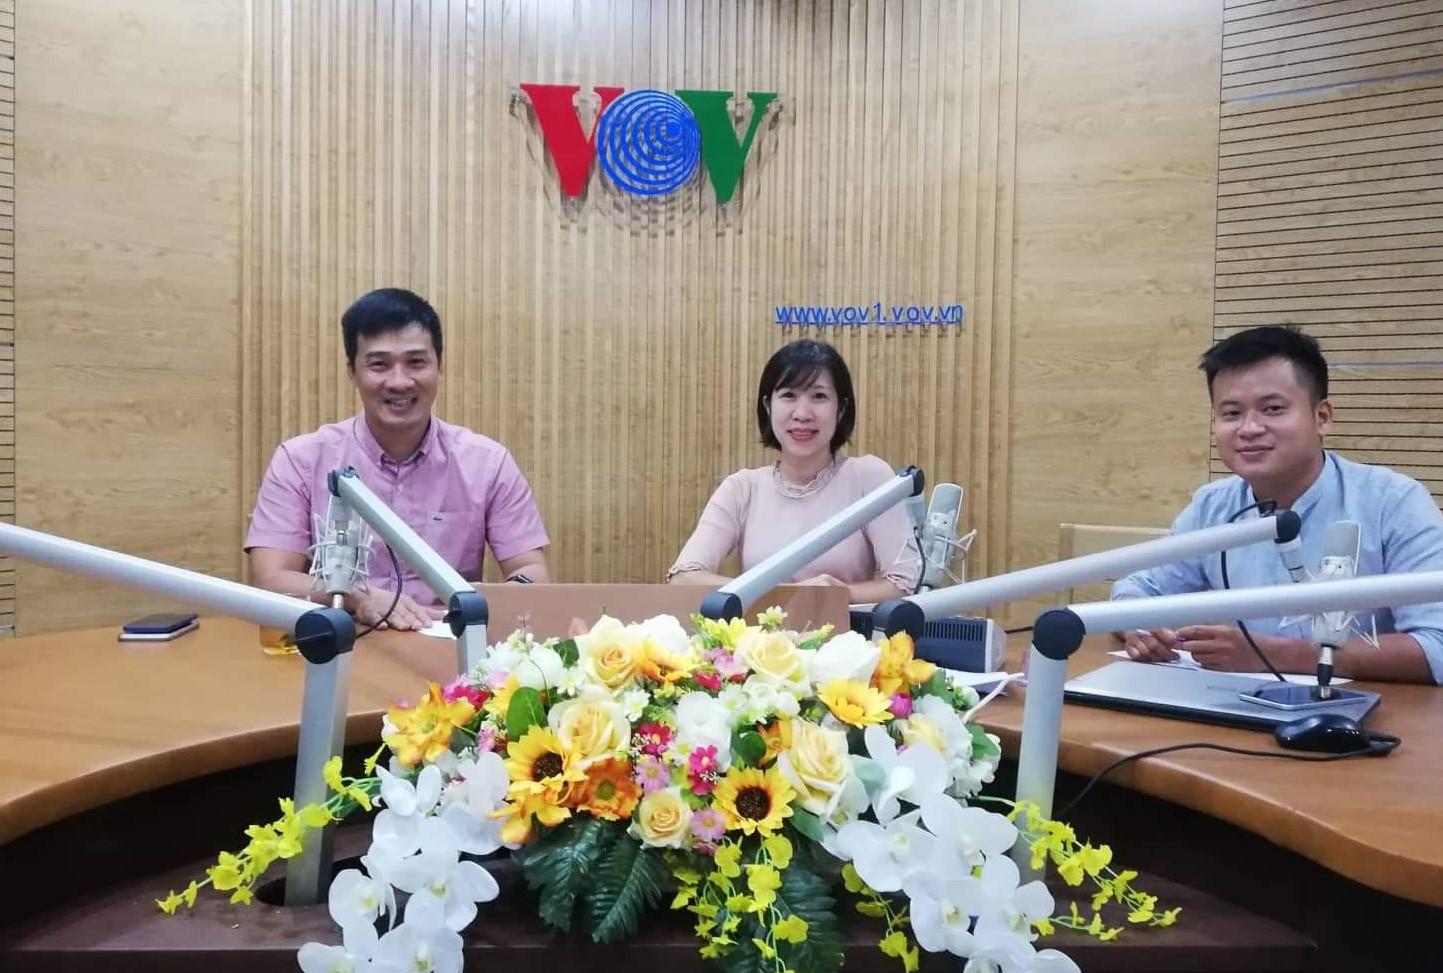 Có gì đáng bàn khi Hà Nội bắt đầu chiến dịch cắt giảm sử dụng sản phẩm nhựa dùng một lần? (29/8/2019)